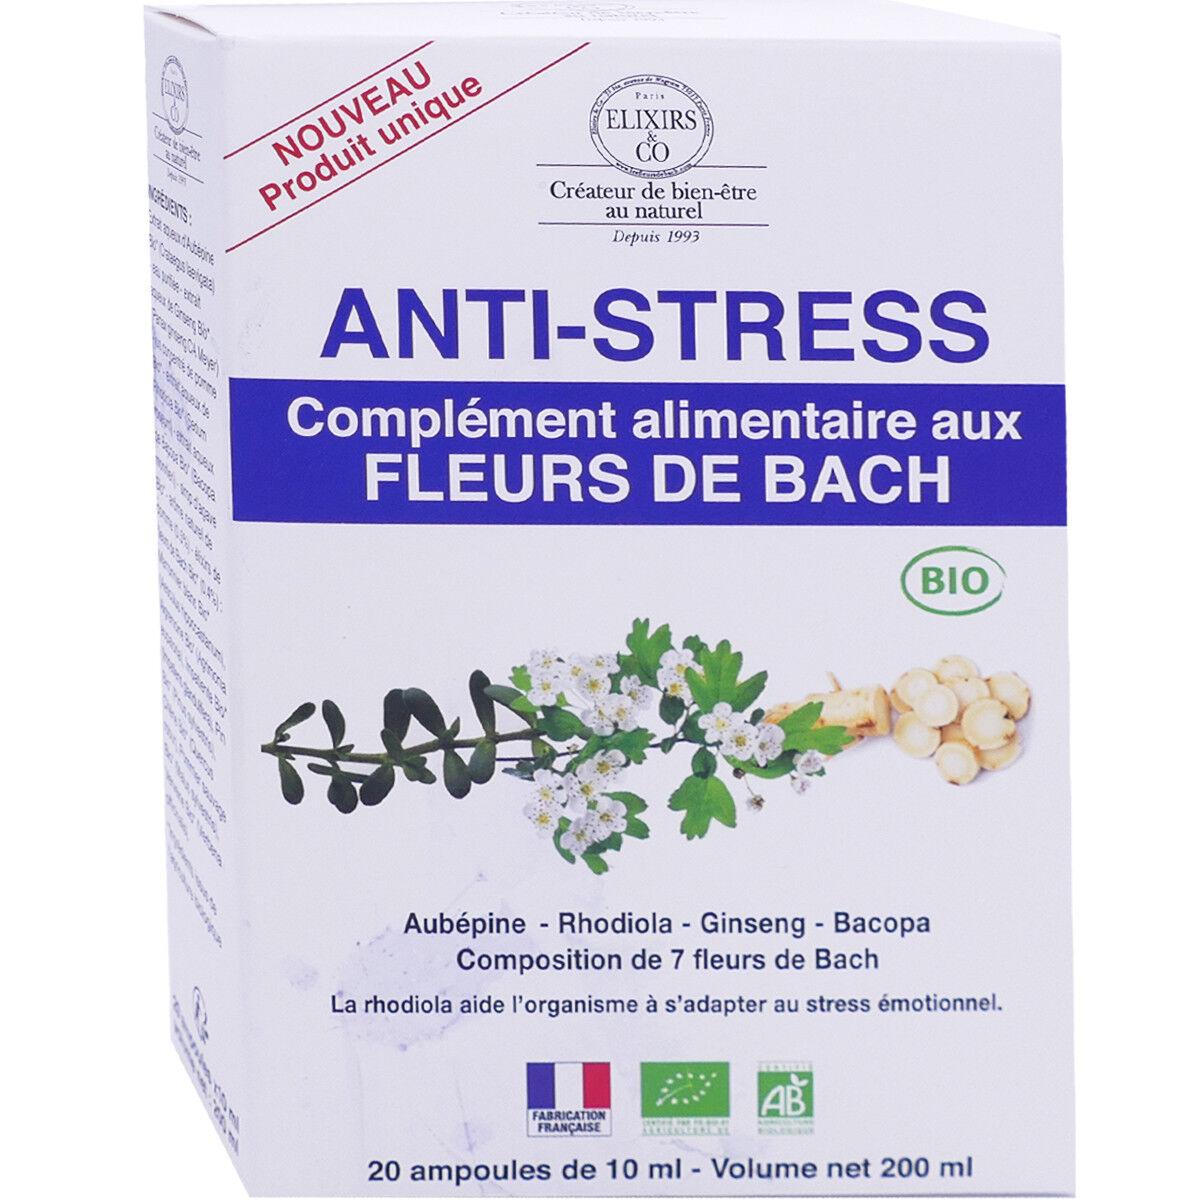 Elixirs & co anti-stress fleurs de bach 20 ampoules 10 ml bio